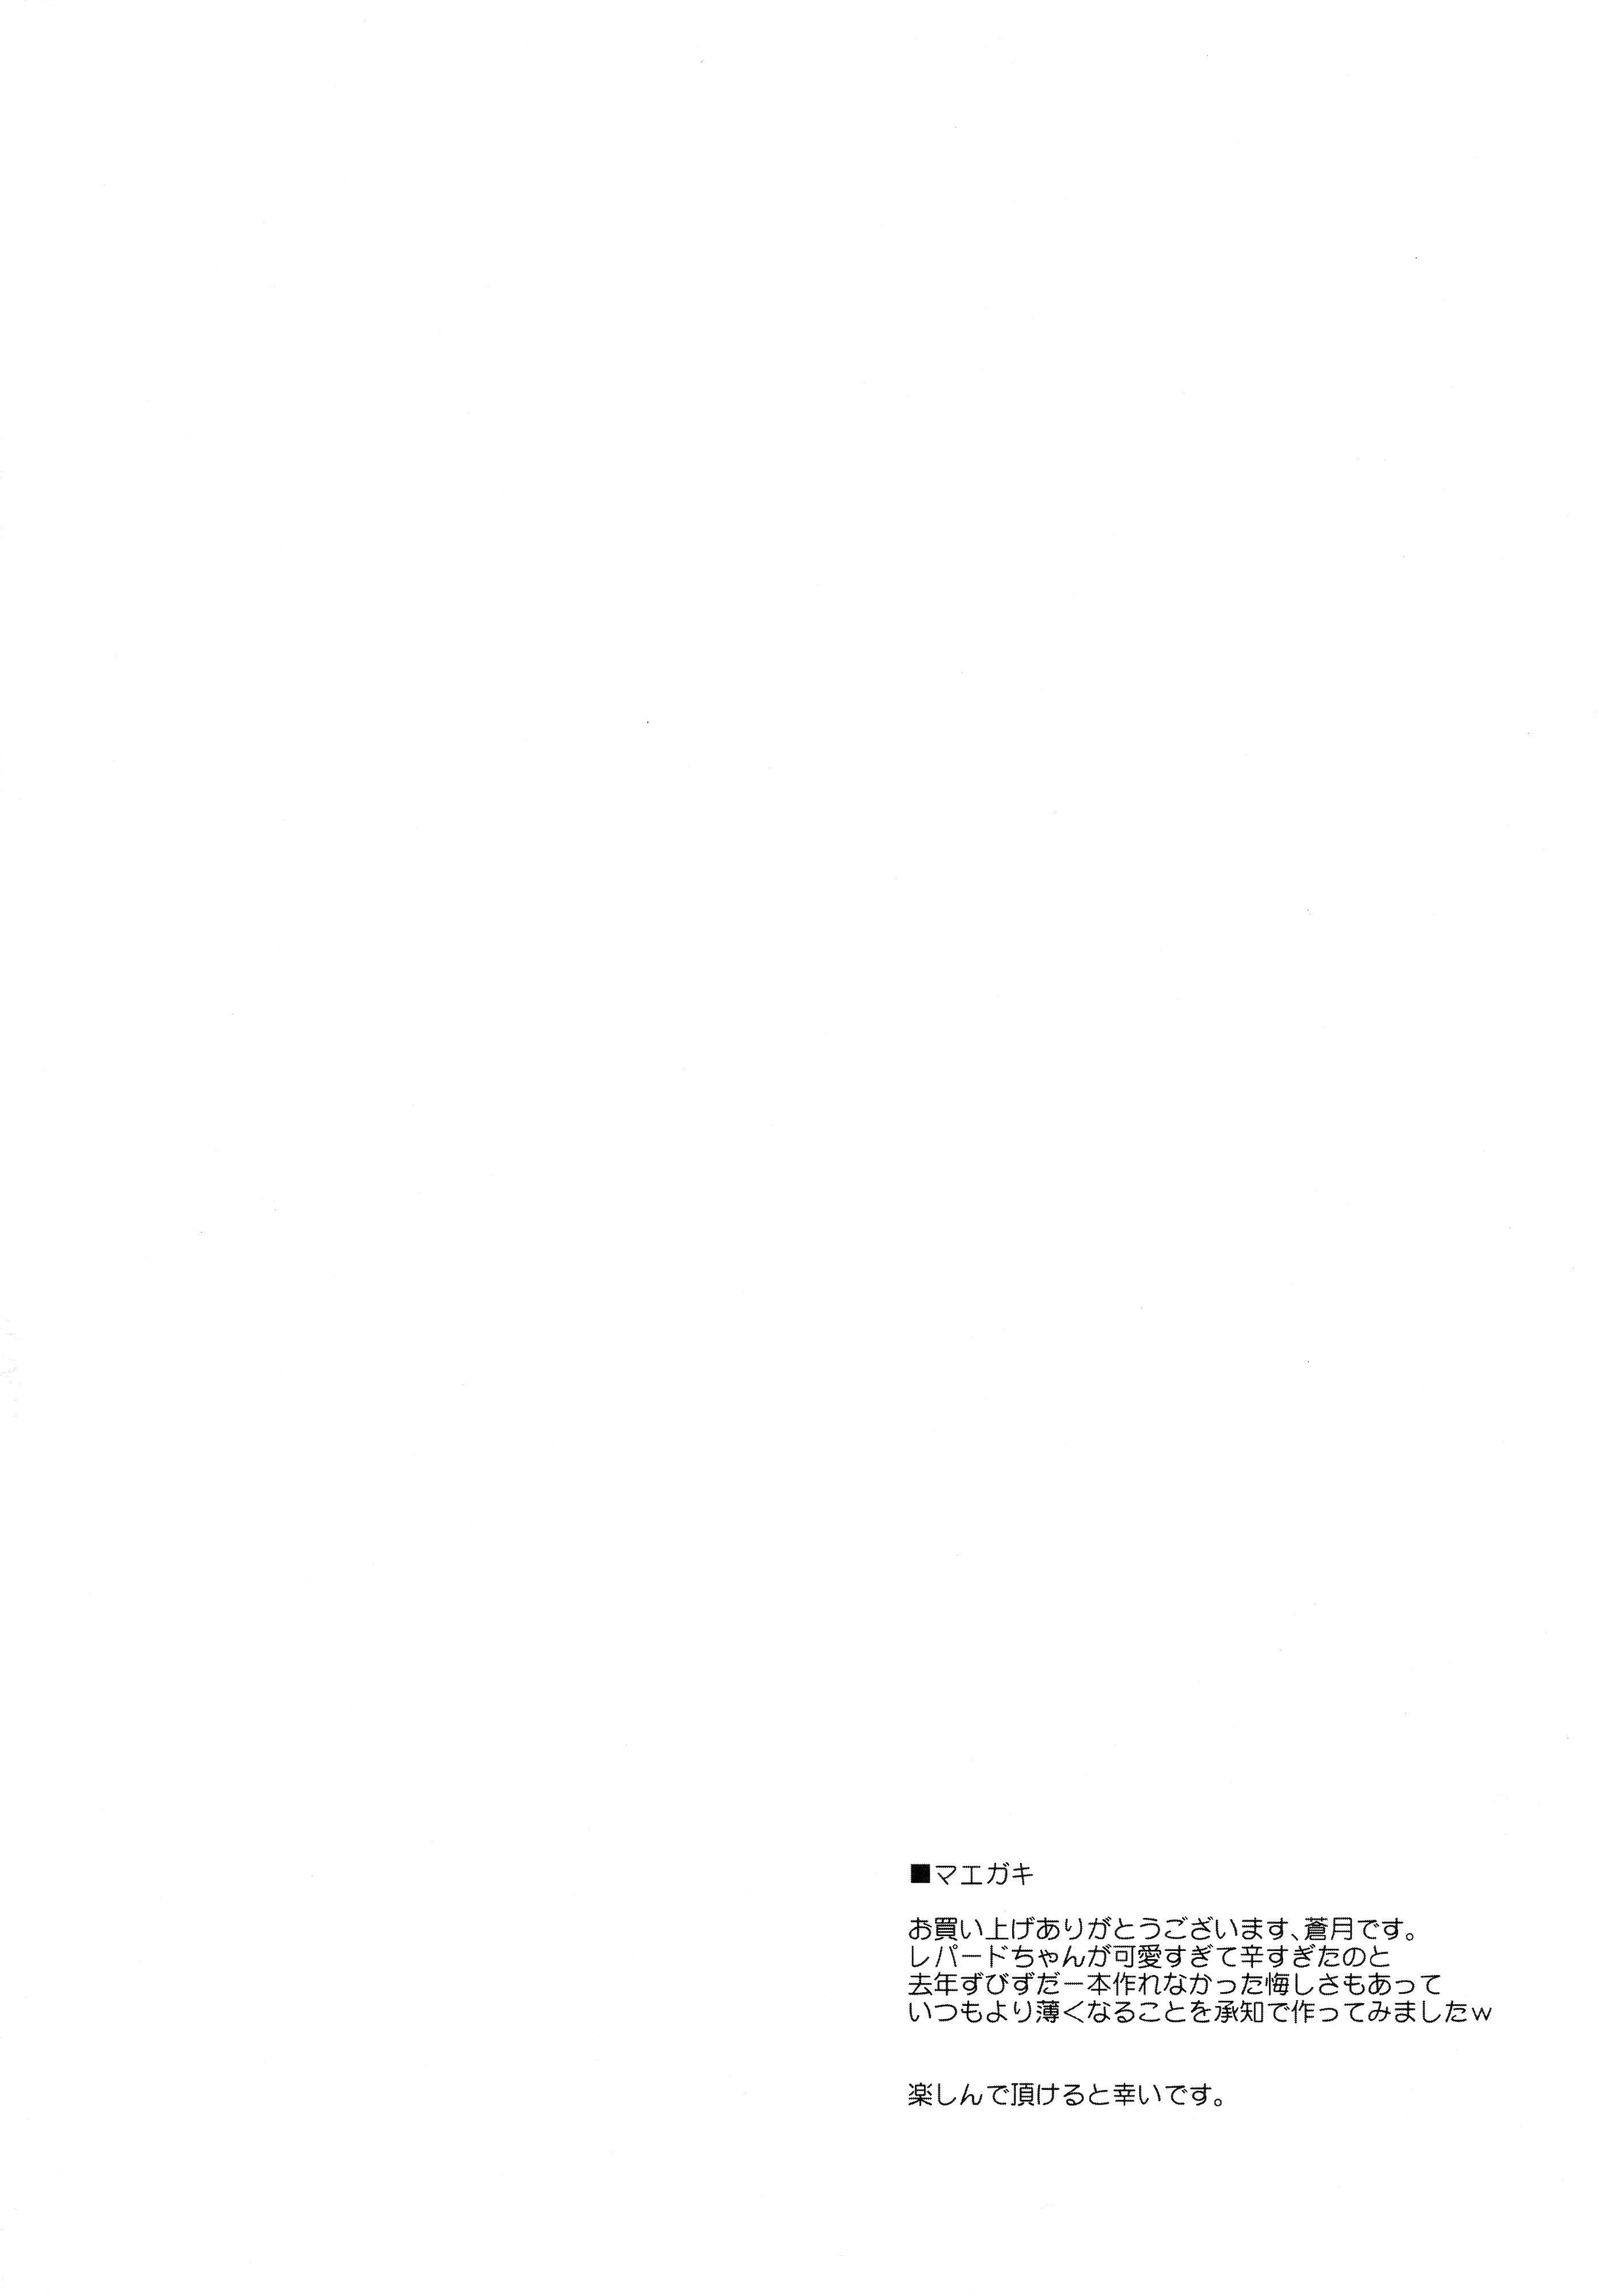 【エロ漫画】ちっぱいロリ娘のレパードが食料もらう代わりにロリマンでご奉仕セックスさせられてパイパンマンコに中出しされて調教されてますwwwww